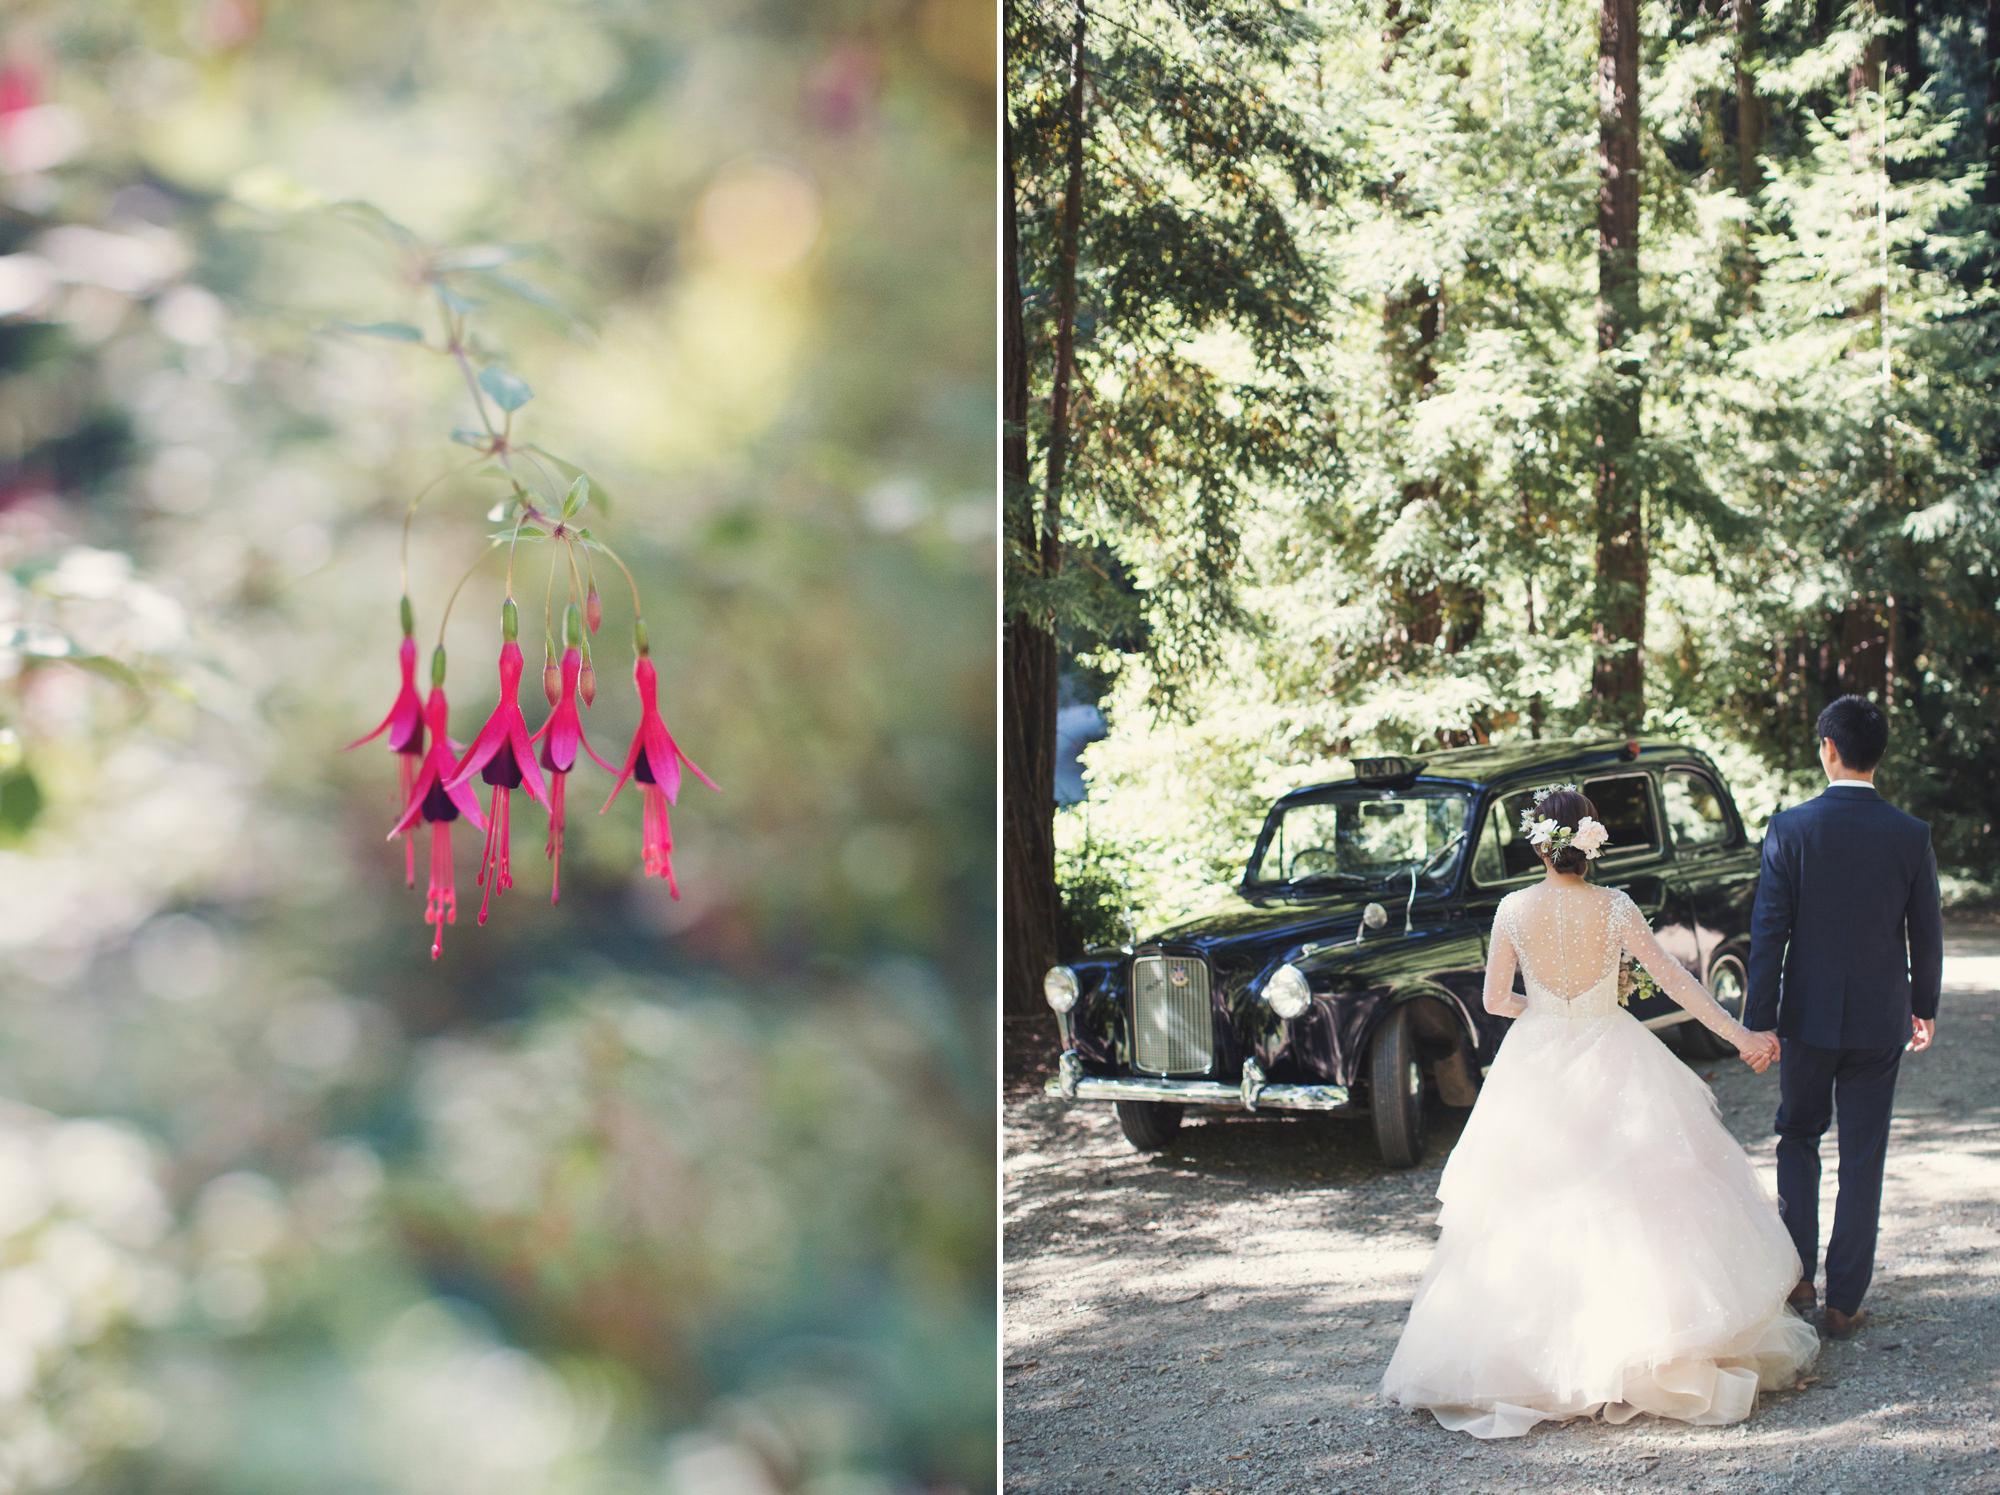 Fairytale Wedding in Nestldown ©Anne-Claire Brun 0035